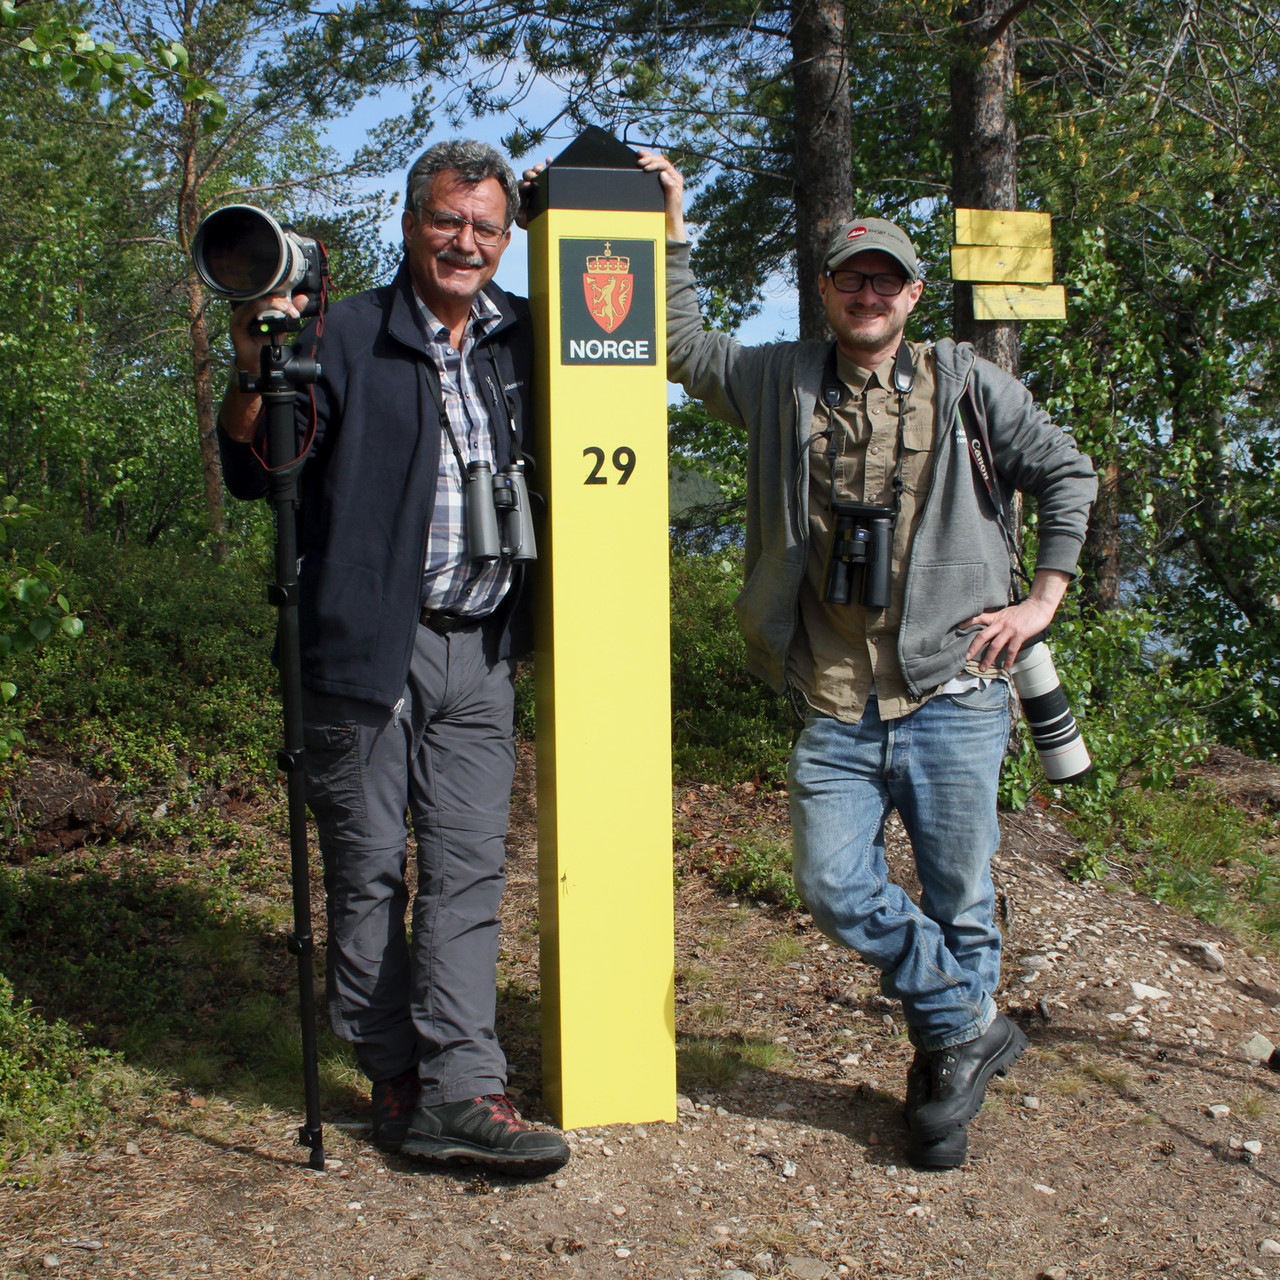 Am 23. Juni unternahmen wir eine geführte Tour mit dem Guide Anders Maeland ins südliche Pasvik-Tal